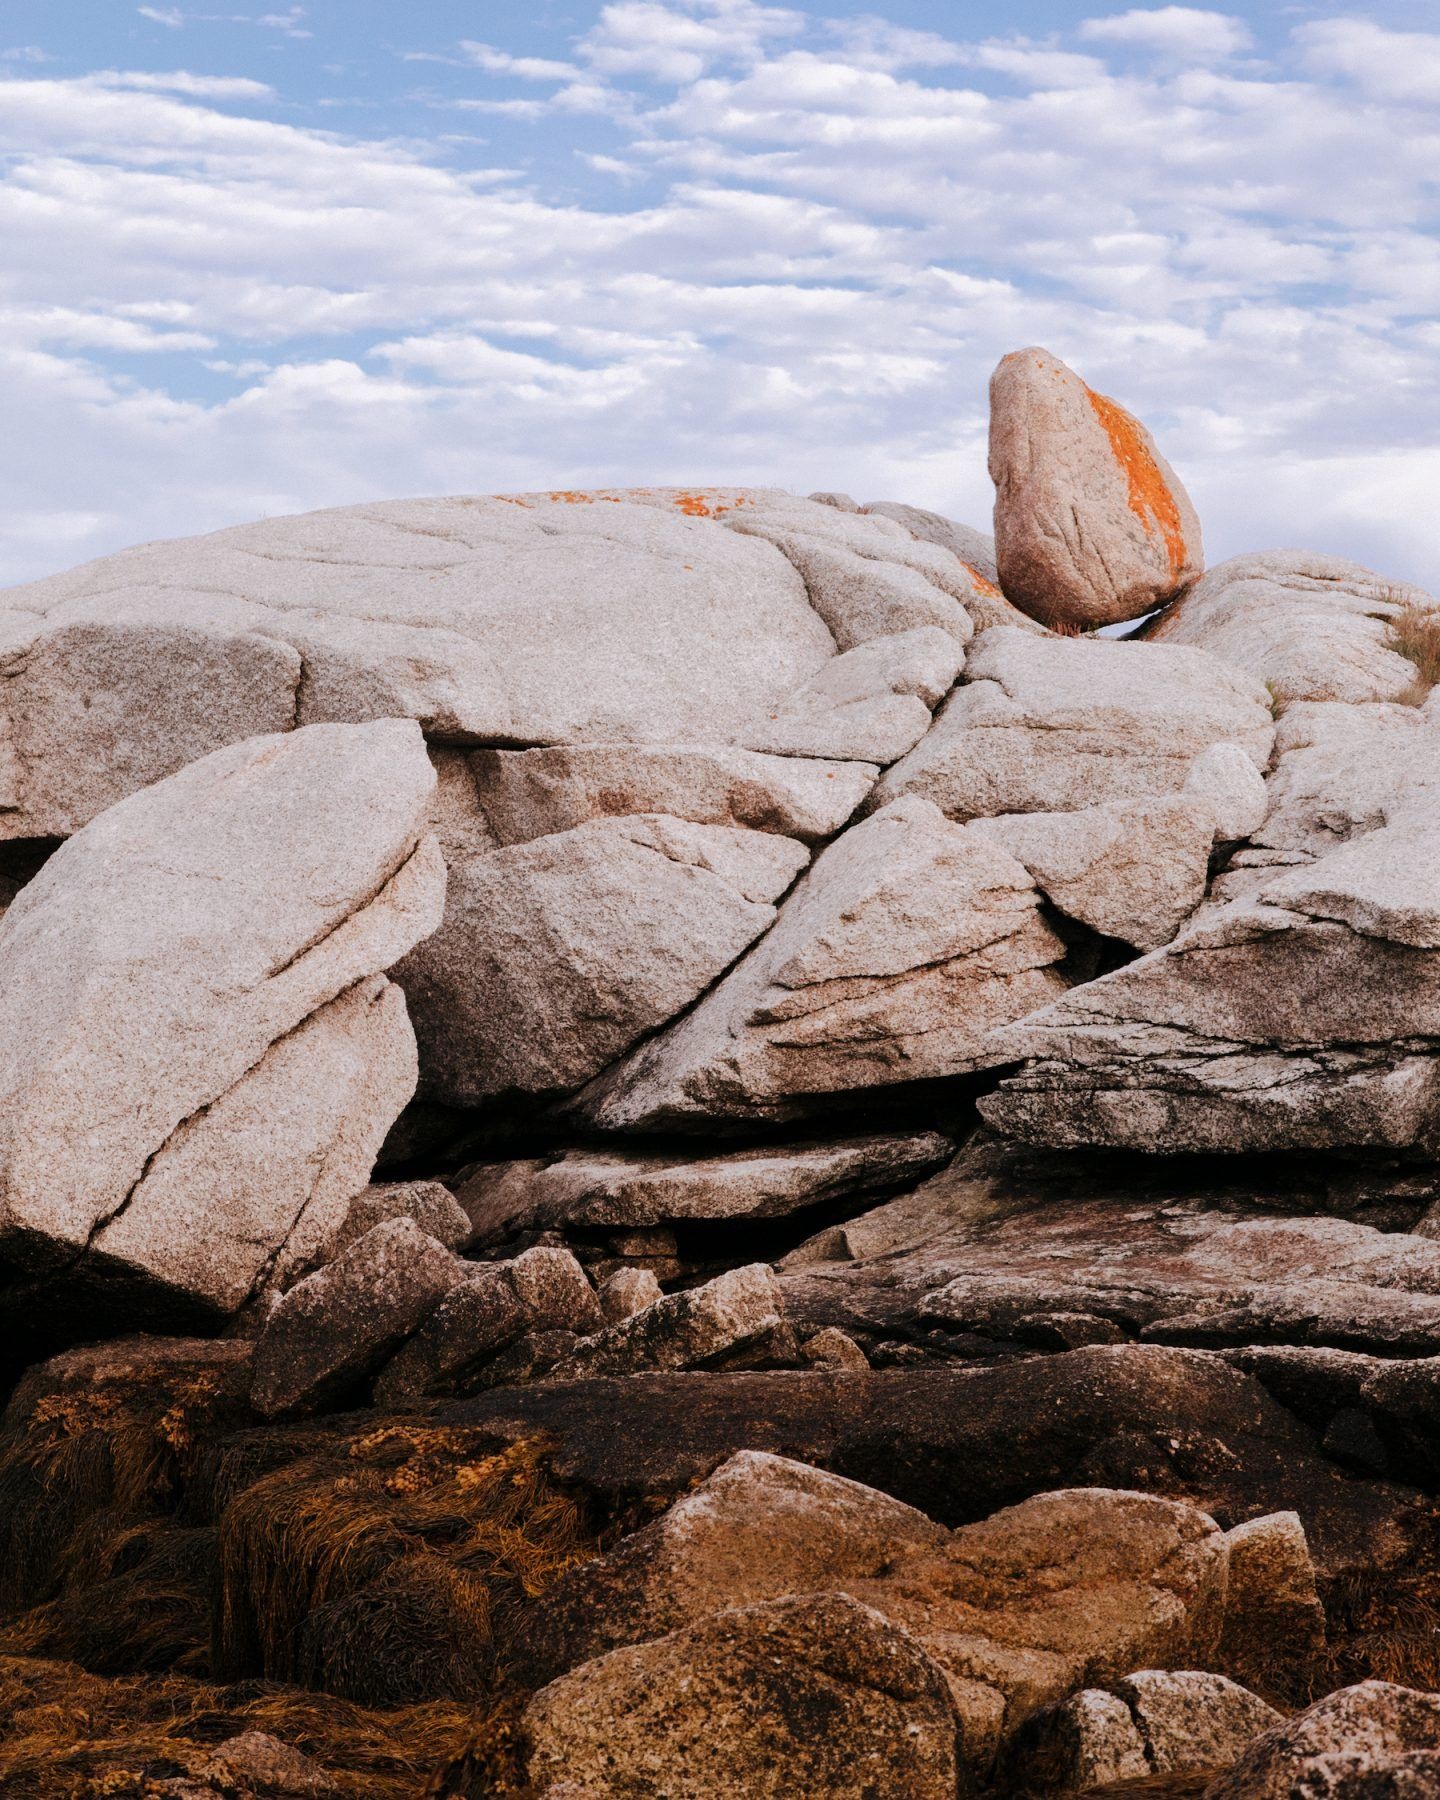 IGNANT-Photography-Landon-Speers-Nova-Scotia-03